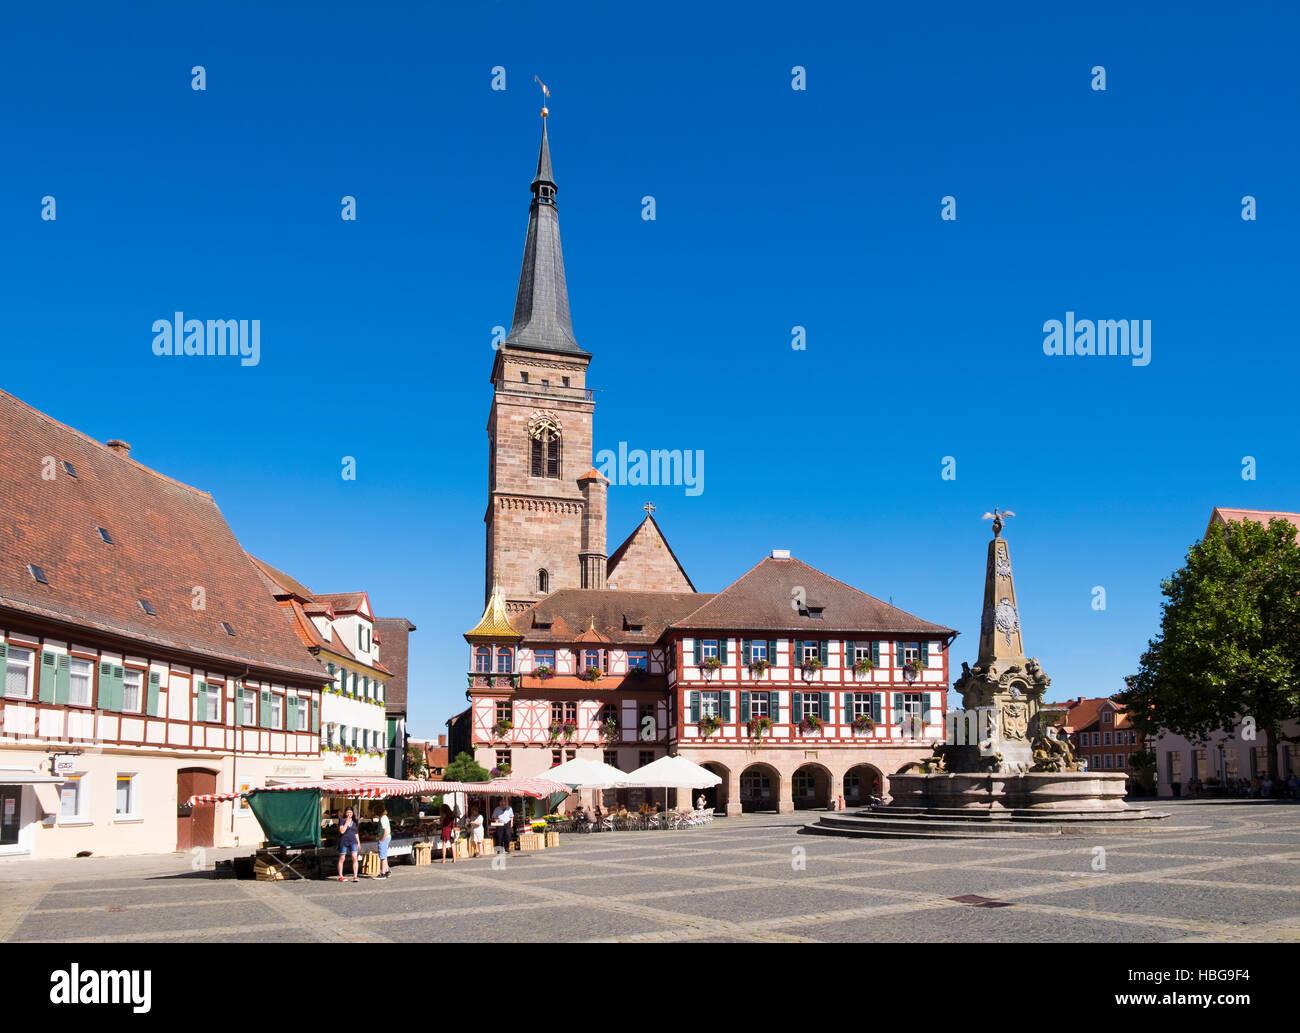 Schöner Brunnen, Brunnen, Rathaus und Kirche, Königsplatz, Schwabach, Mittelfranken, Franken, Bayern, Stockbild